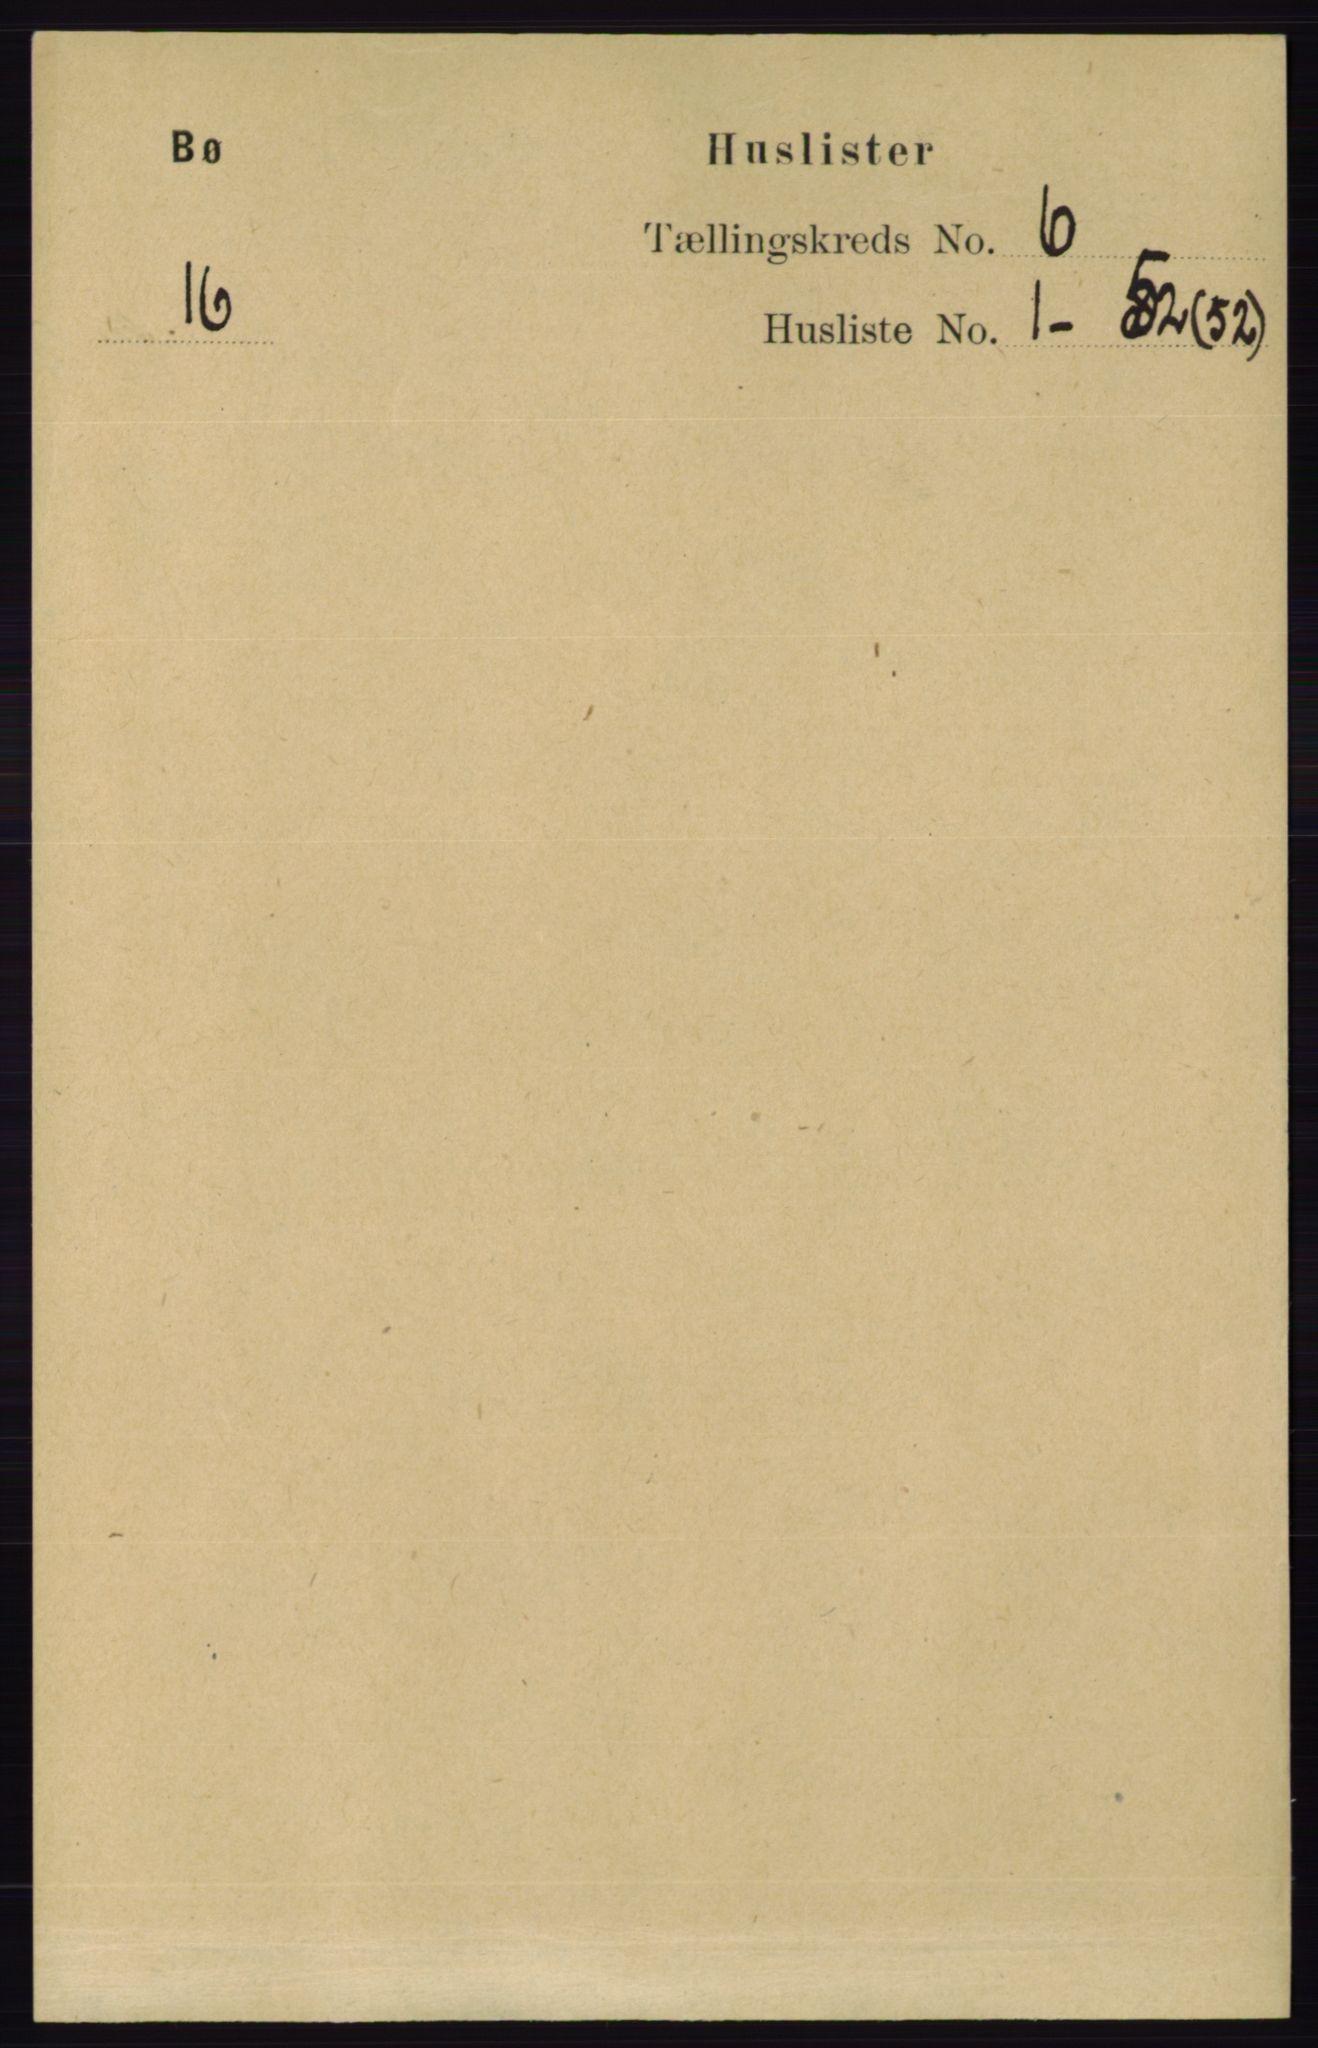 RA, Folketelling 1891 for 0821 Bø herred, 1891, s. 1837